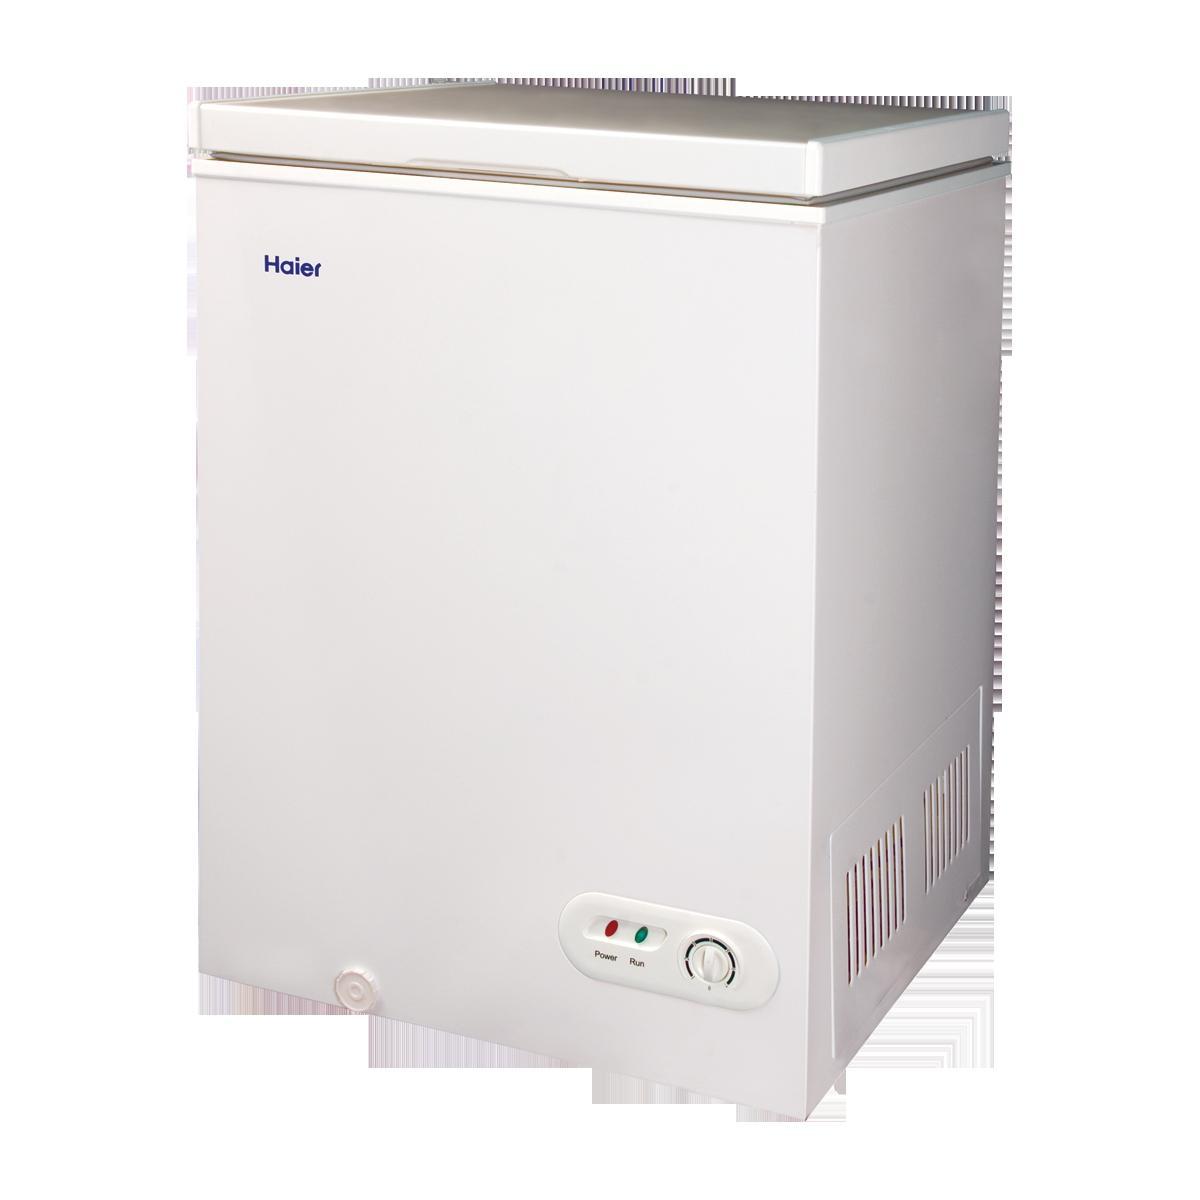 Hncm035e Haier Hncm035e Chest Freezers White